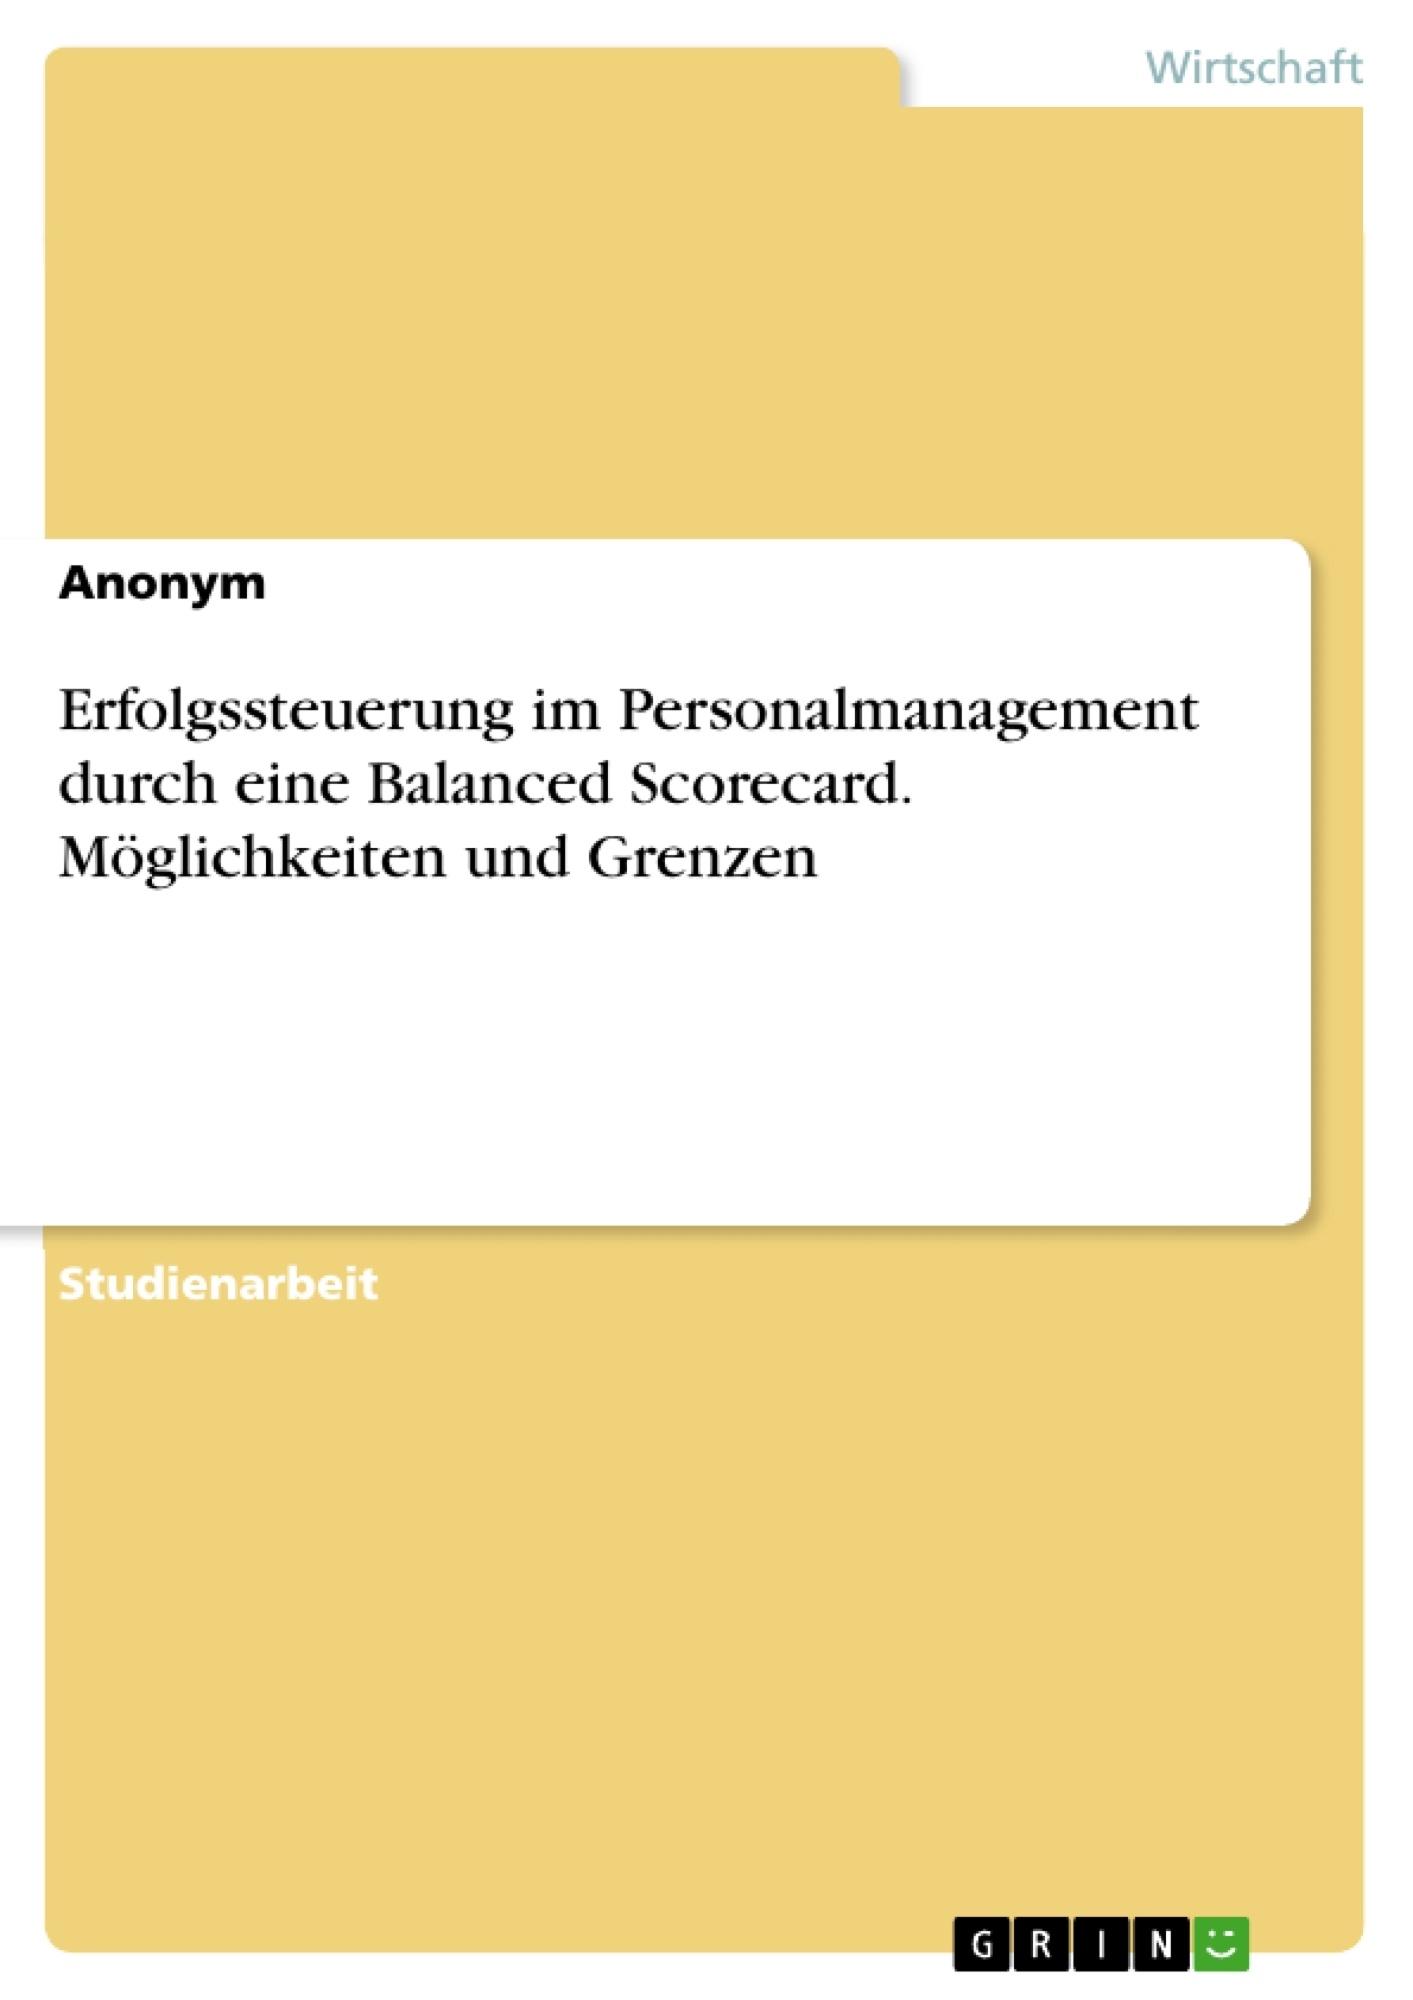 Titel: Erfolgssteuerung im Personalmanagement durch eine Balanced Scorecard. Möglichkeiten und Grenzen